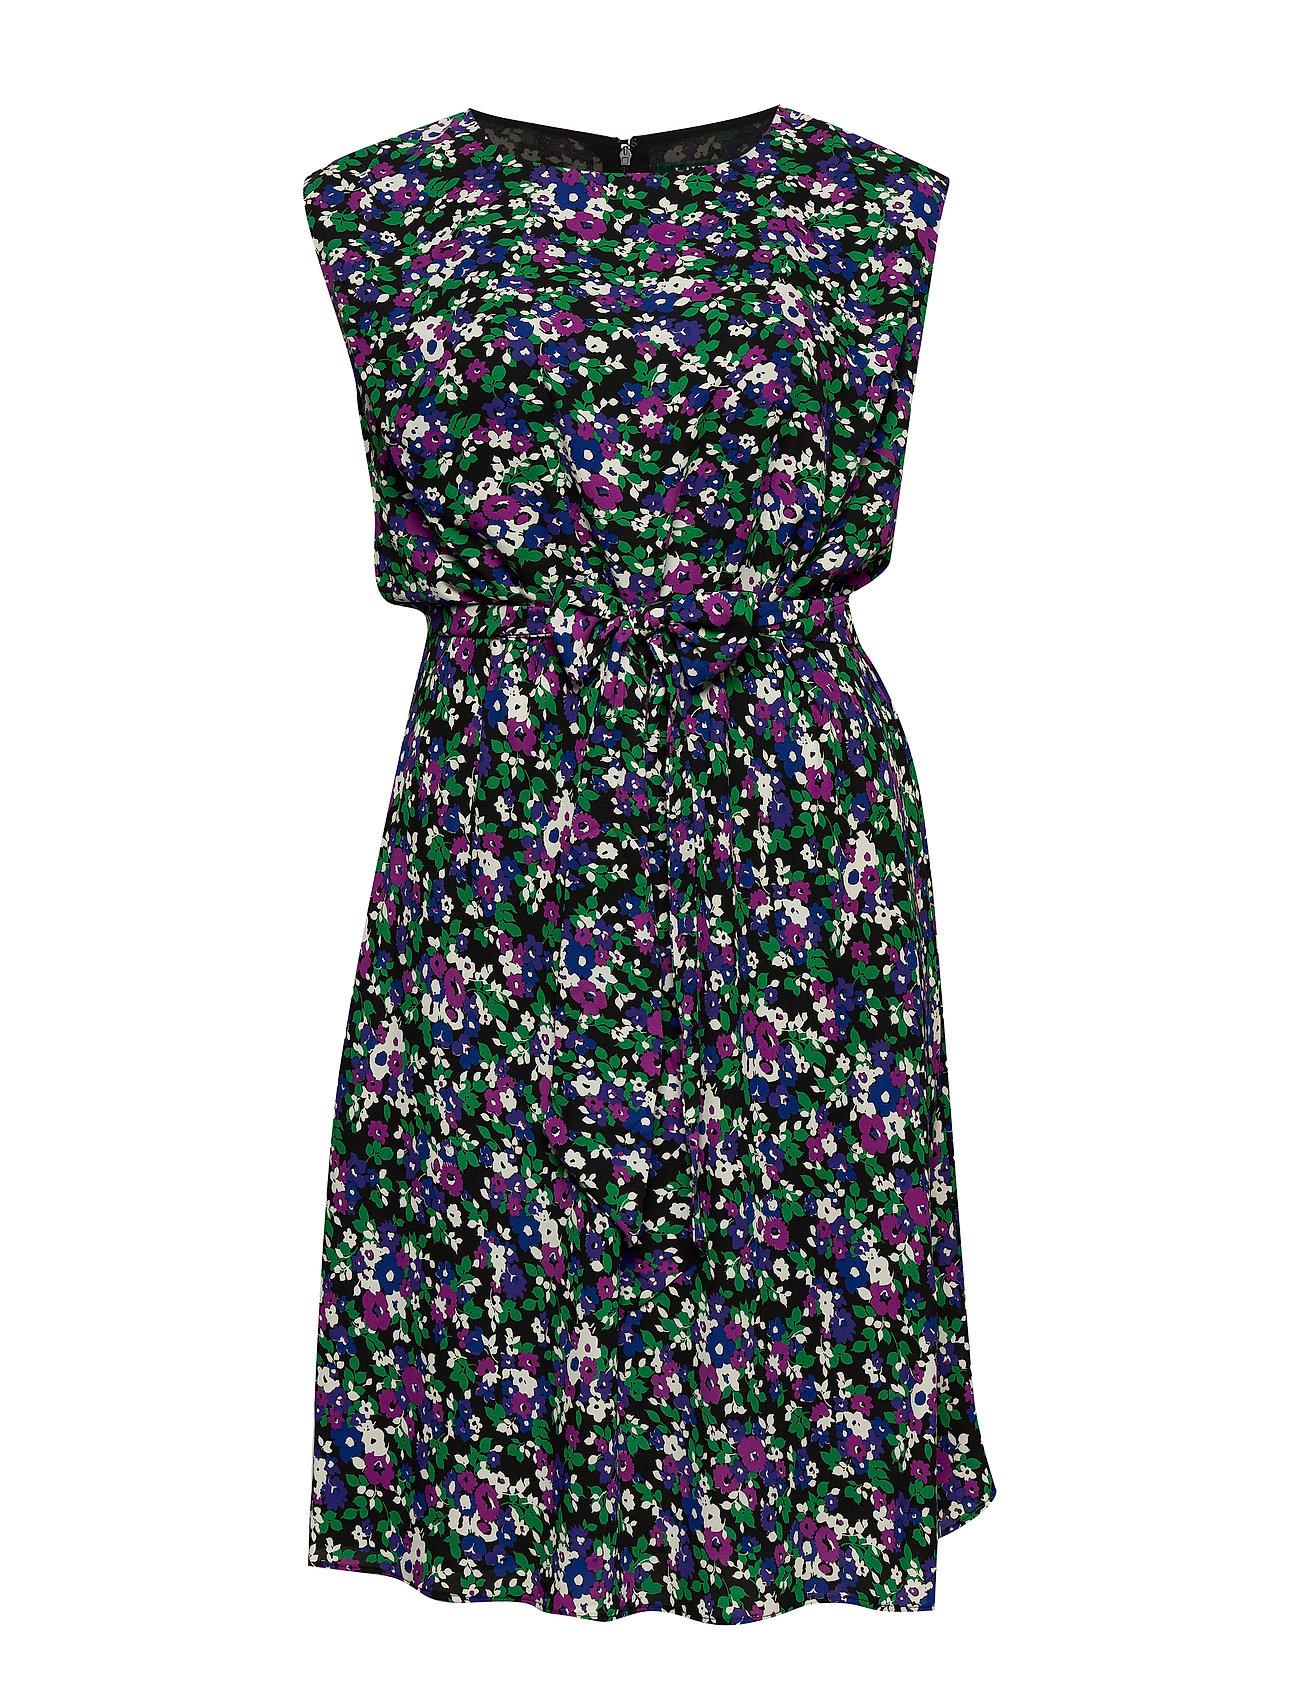 Lauren Women Georgette Cap-Sleeve Dress - POLO BLACK MULTI